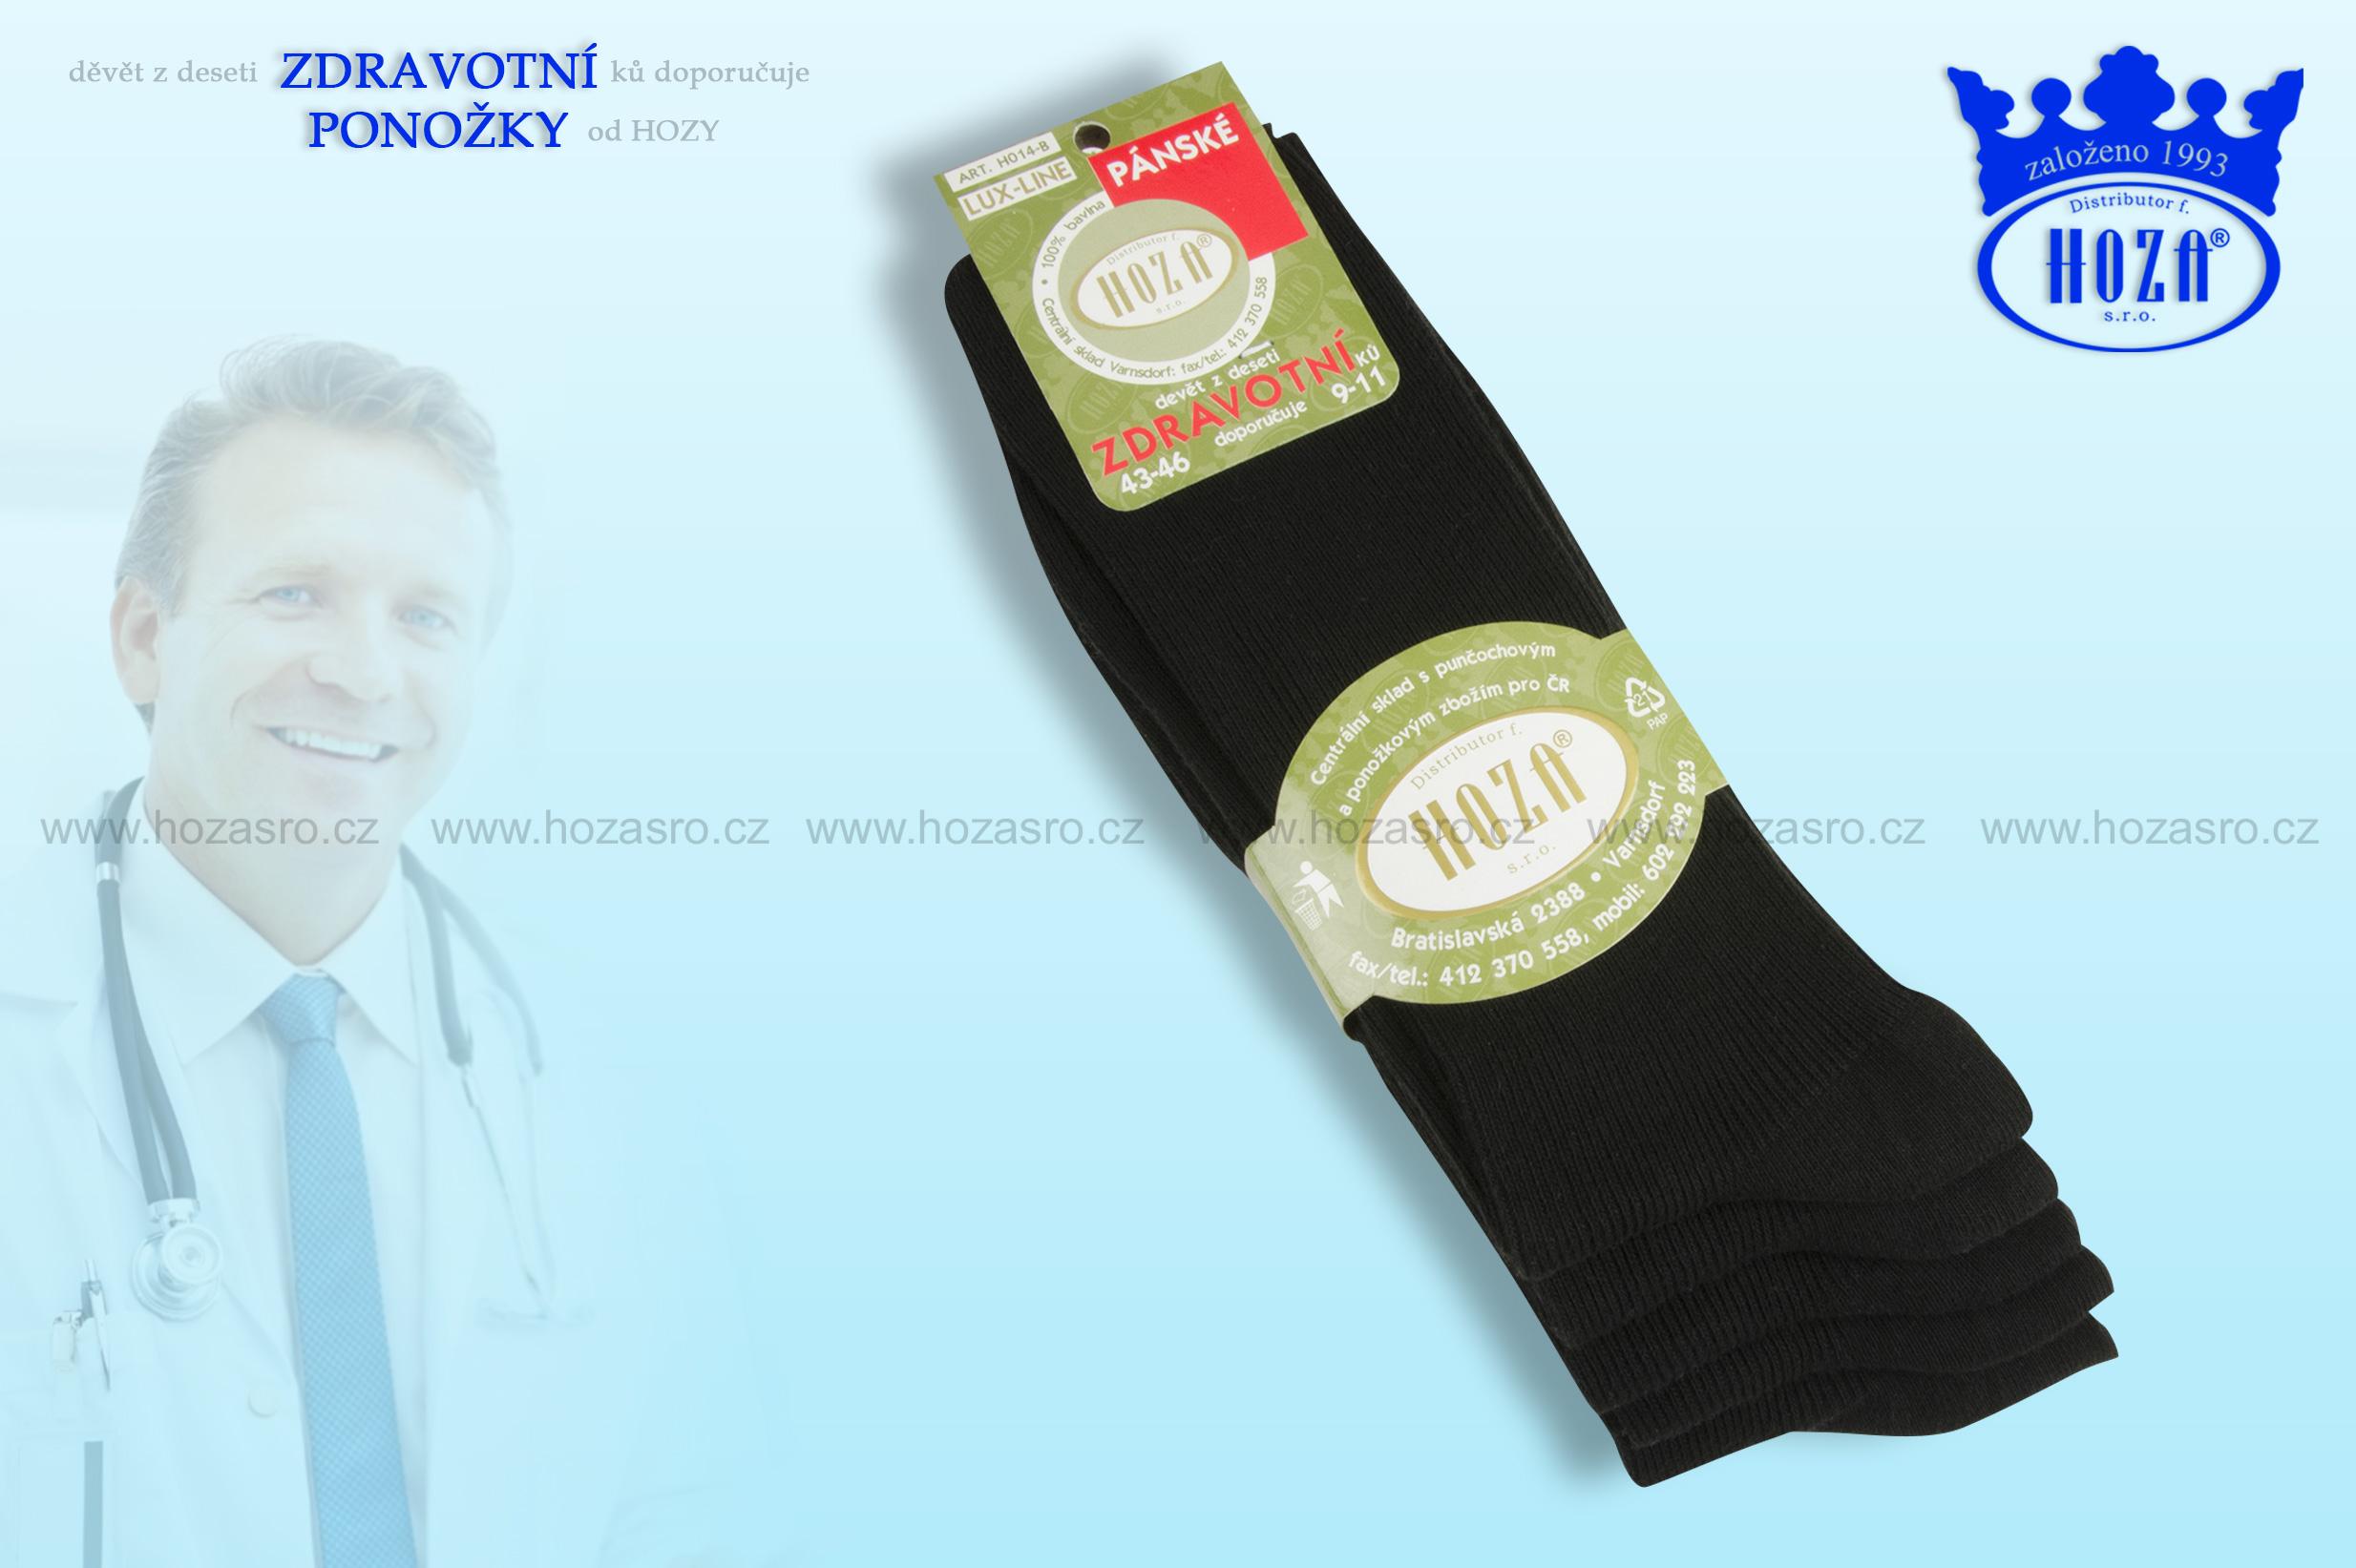 Pánské ponožky zdravotní, 100% bavlna - černé - H014-B